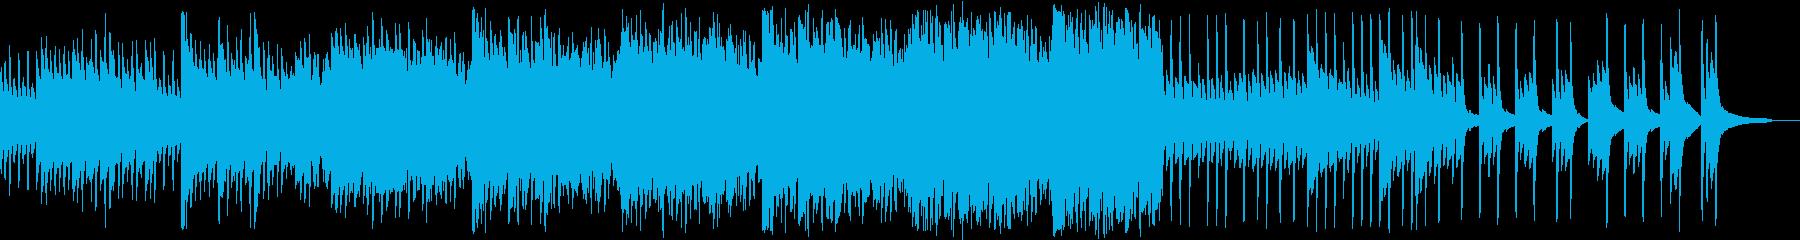 ピアノ/オーケストラ楽器。情熱的で...の再生済みの波形